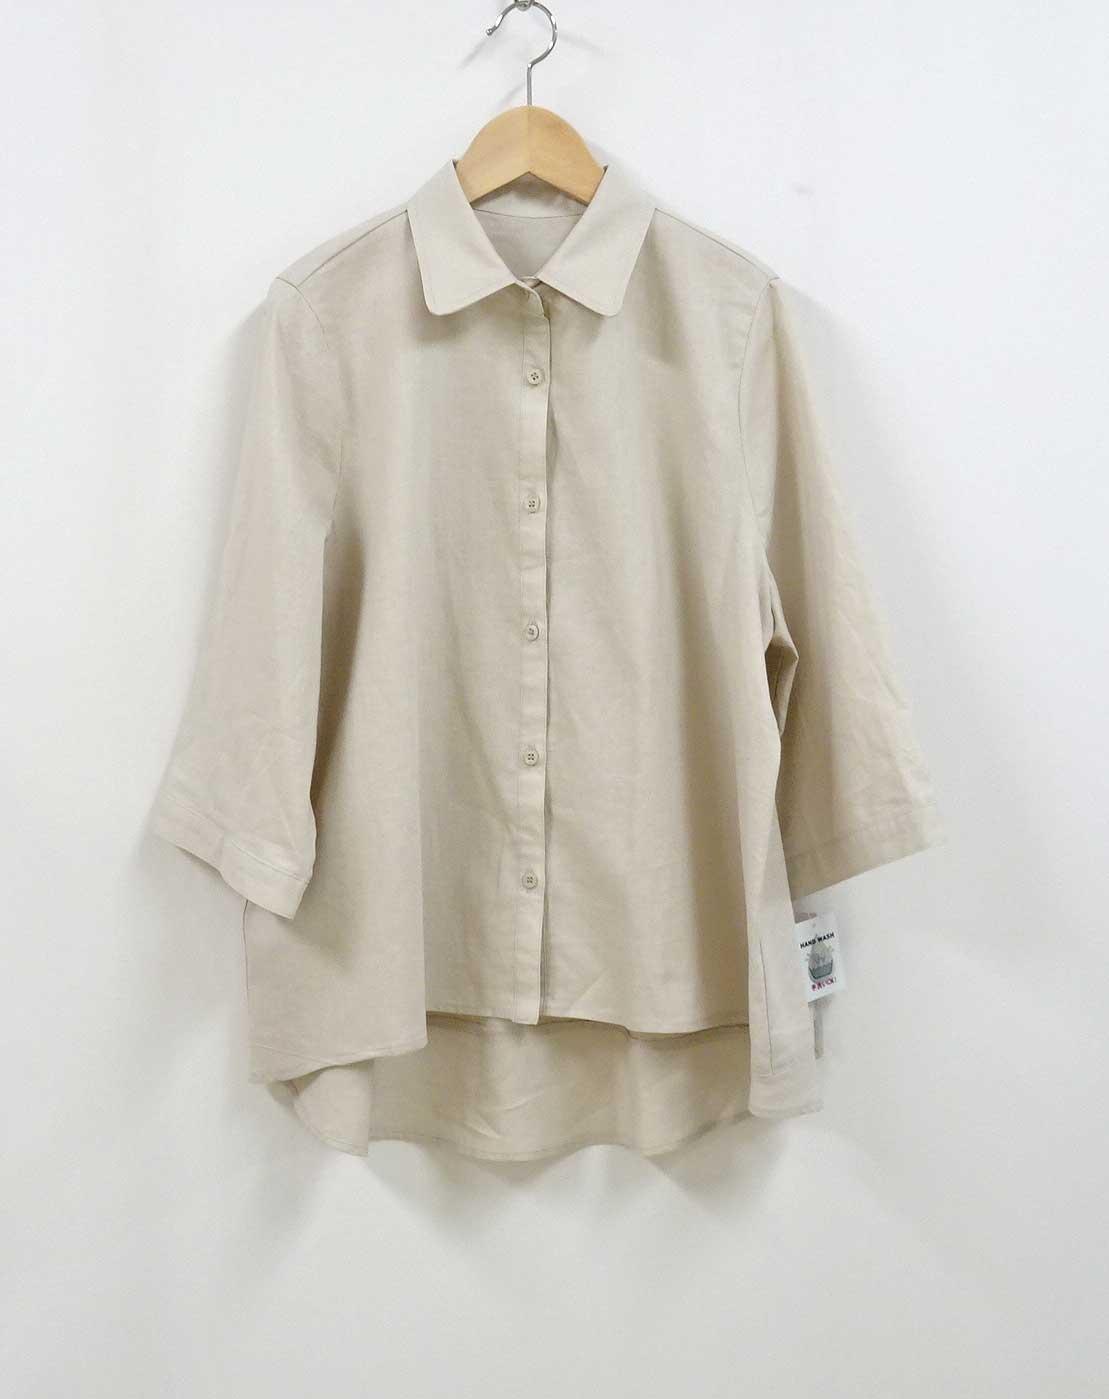 綿と麻の薄手のシャツAラインベージュ